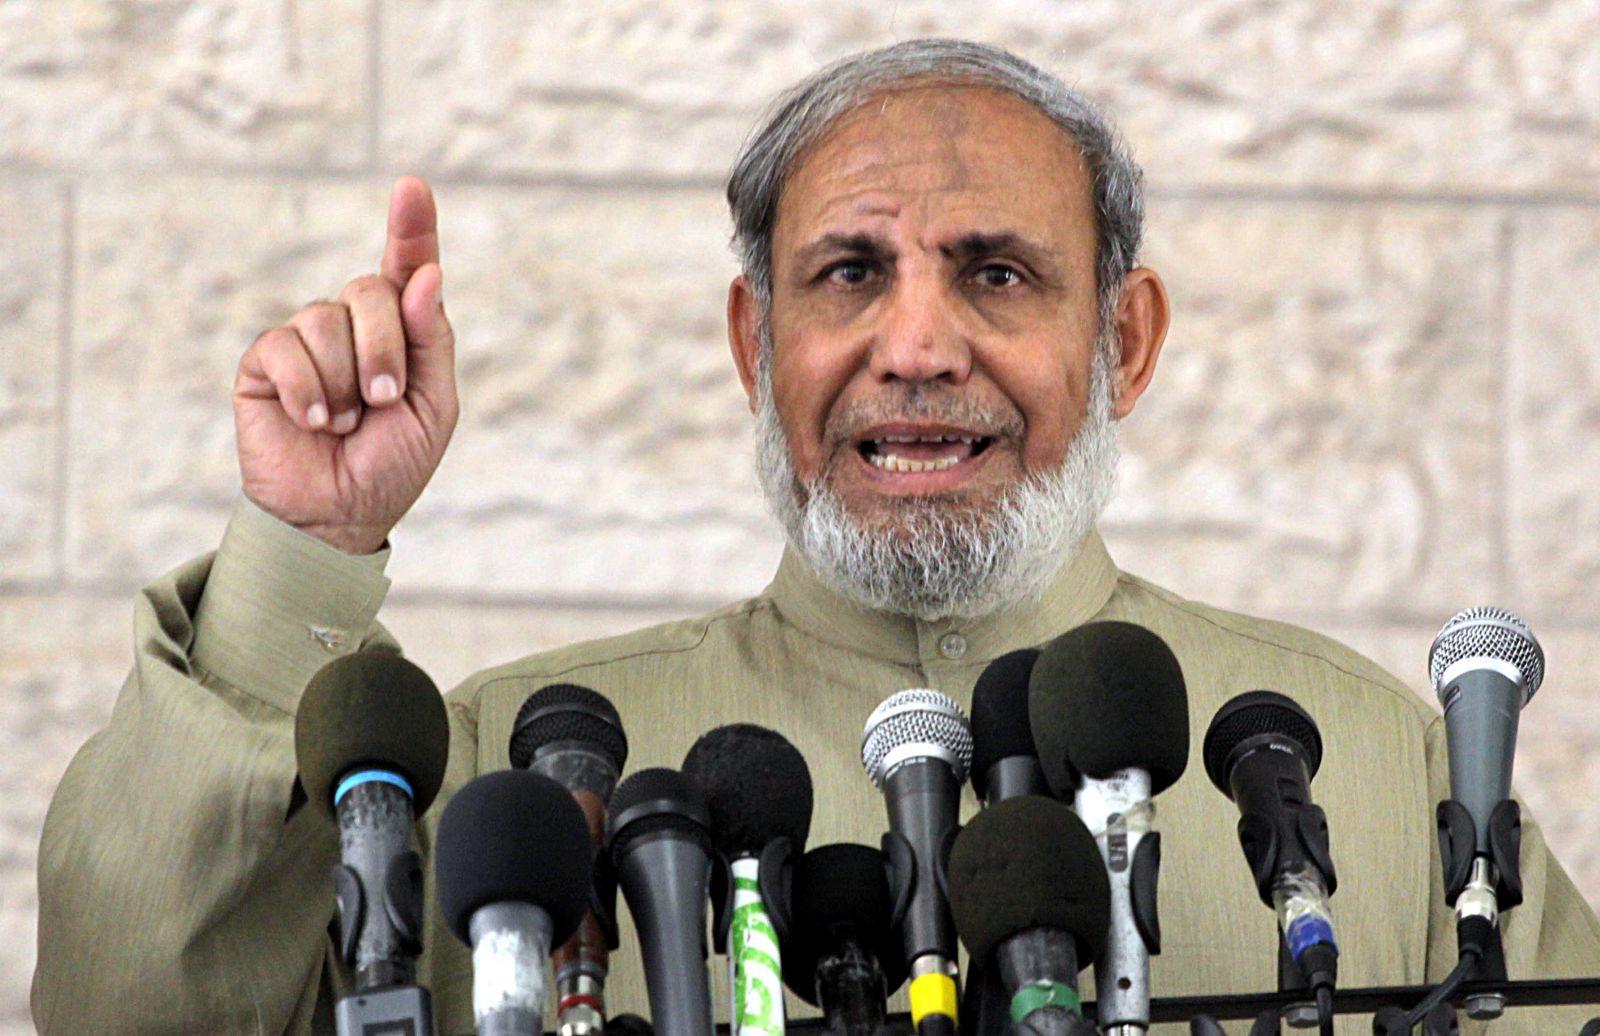 """الزهار: لو """"حماس"""" مسئولة عن تفجير موكب """"الحمدلله"""" لكانت أشلاء أعضاءه وصلت المقاطعة"""